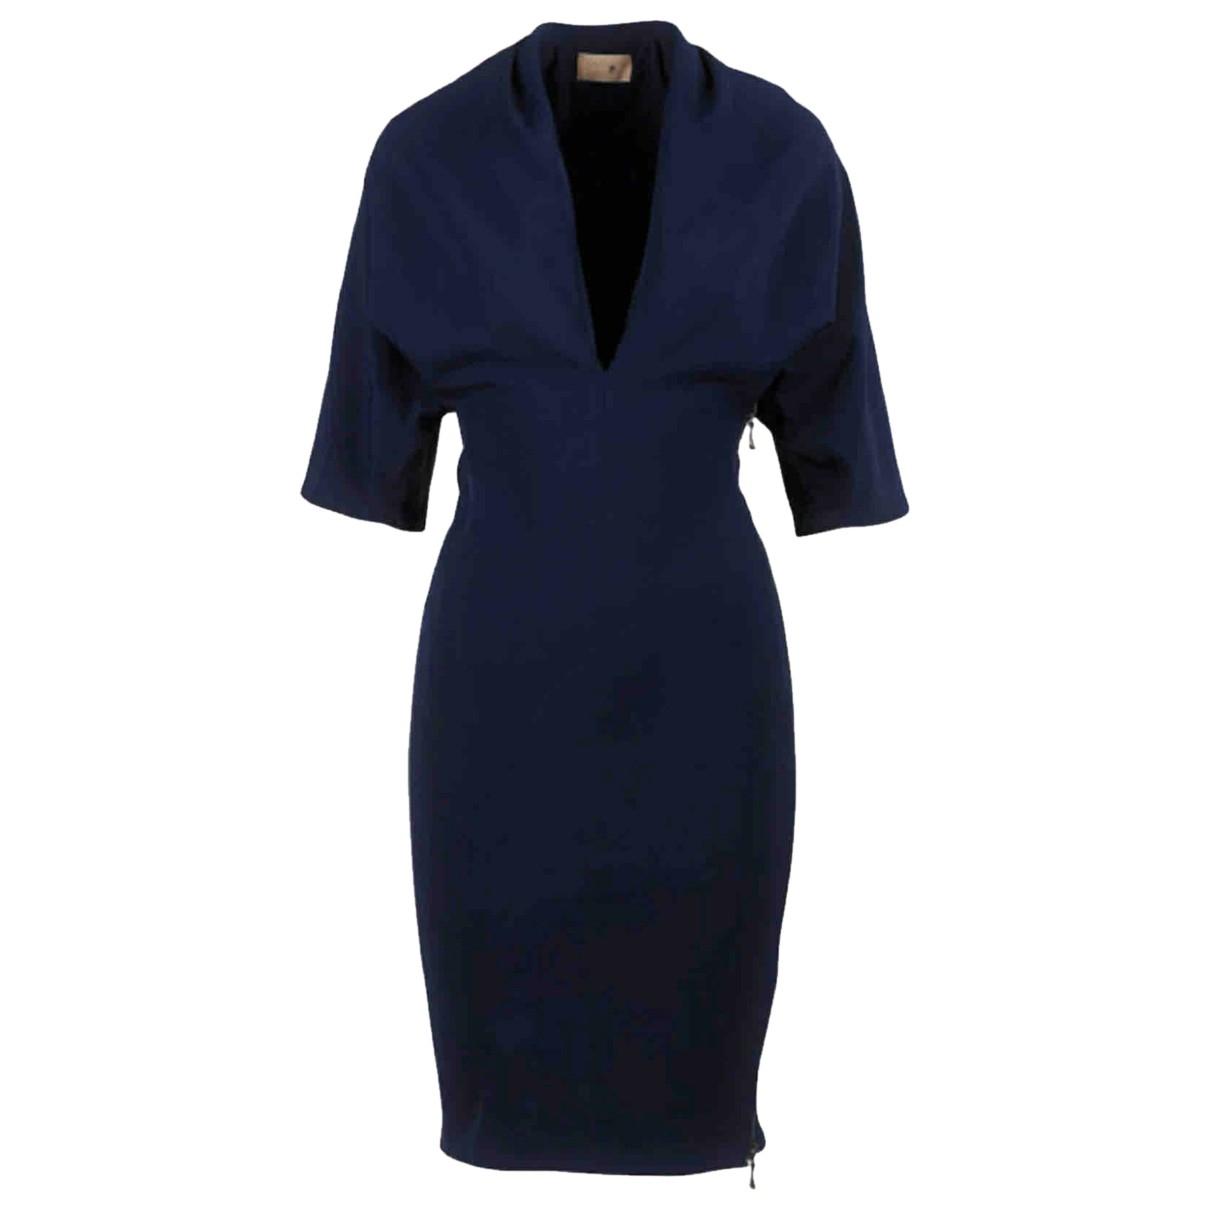 Lanvin \N Kleid in  Blau Polyester